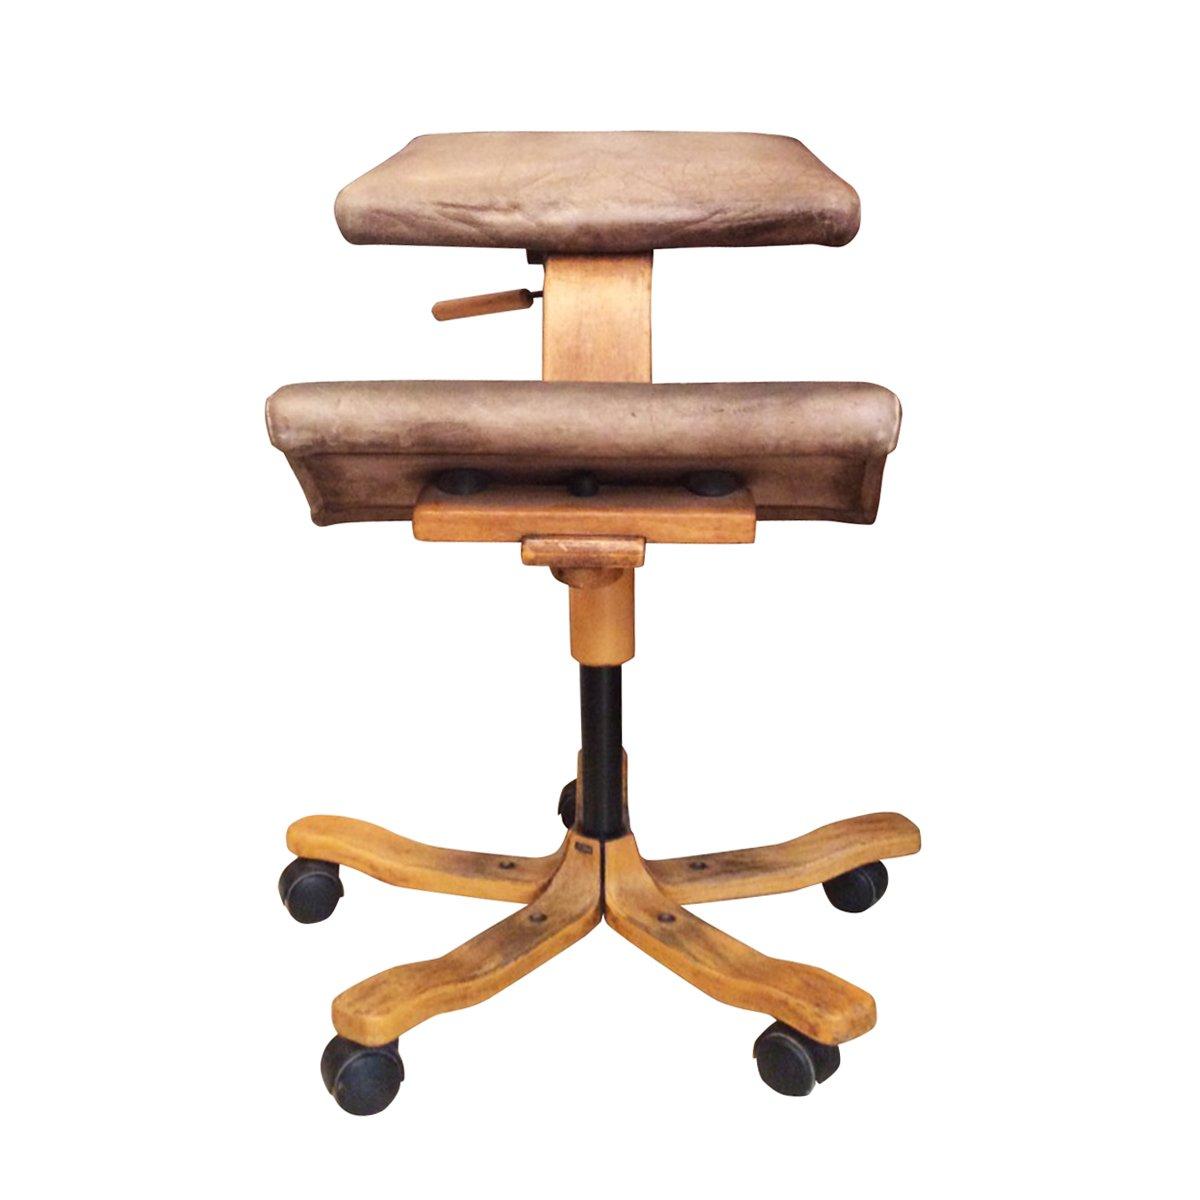 Sedia ergonomica di Stokke, Norvegia, anni \'60 in vendita su Pamono